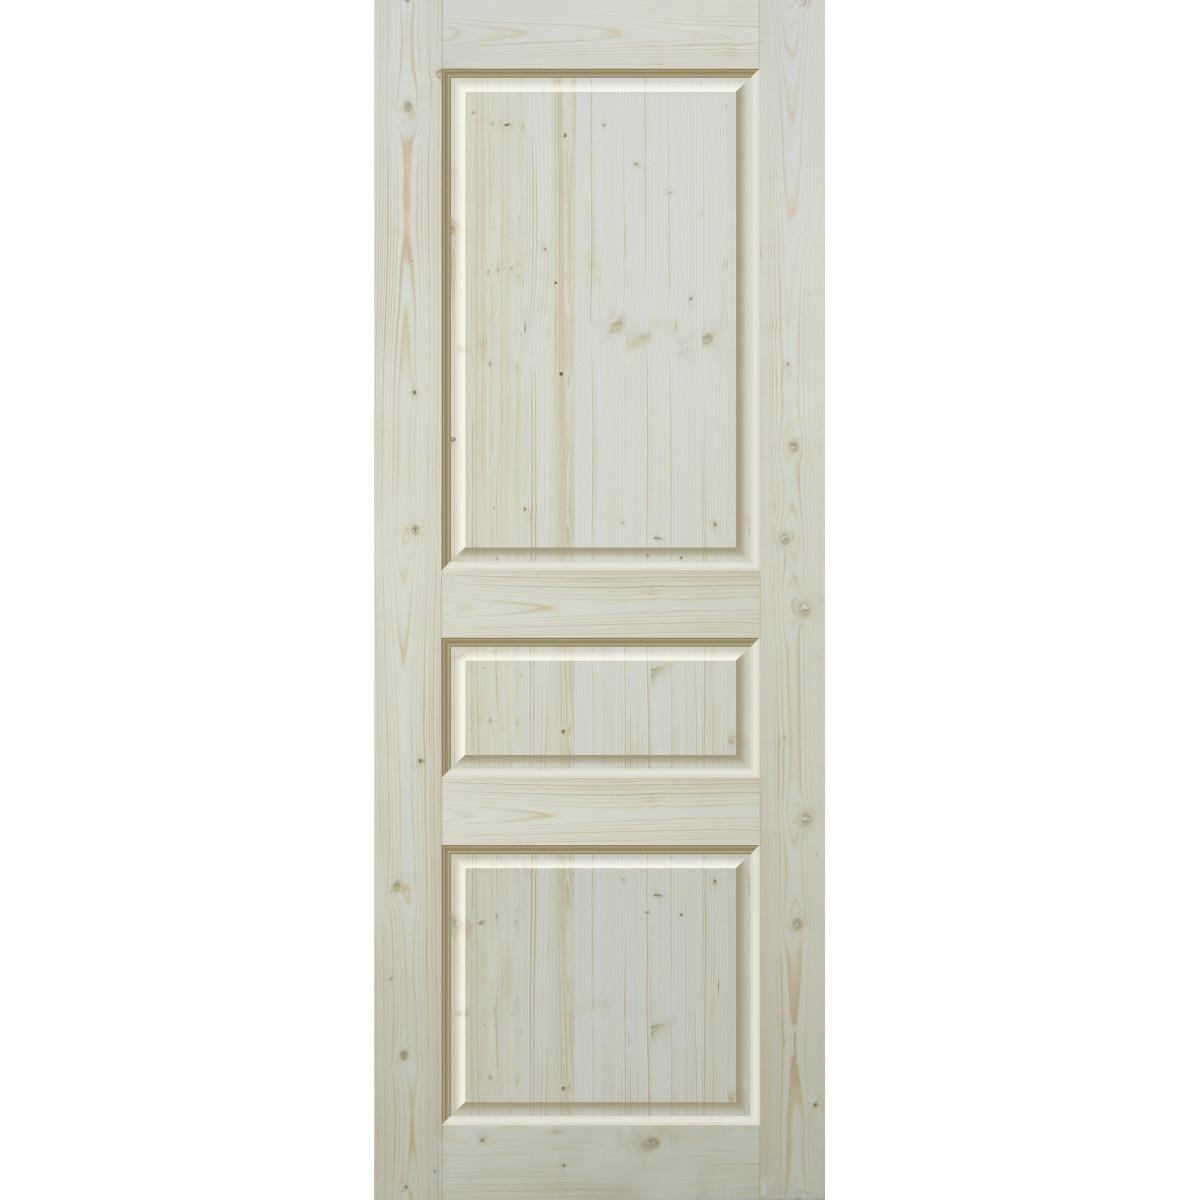 Дверь межкомнатная глухая 3 филёнки 90x200 см массив сосны цвет бежевый